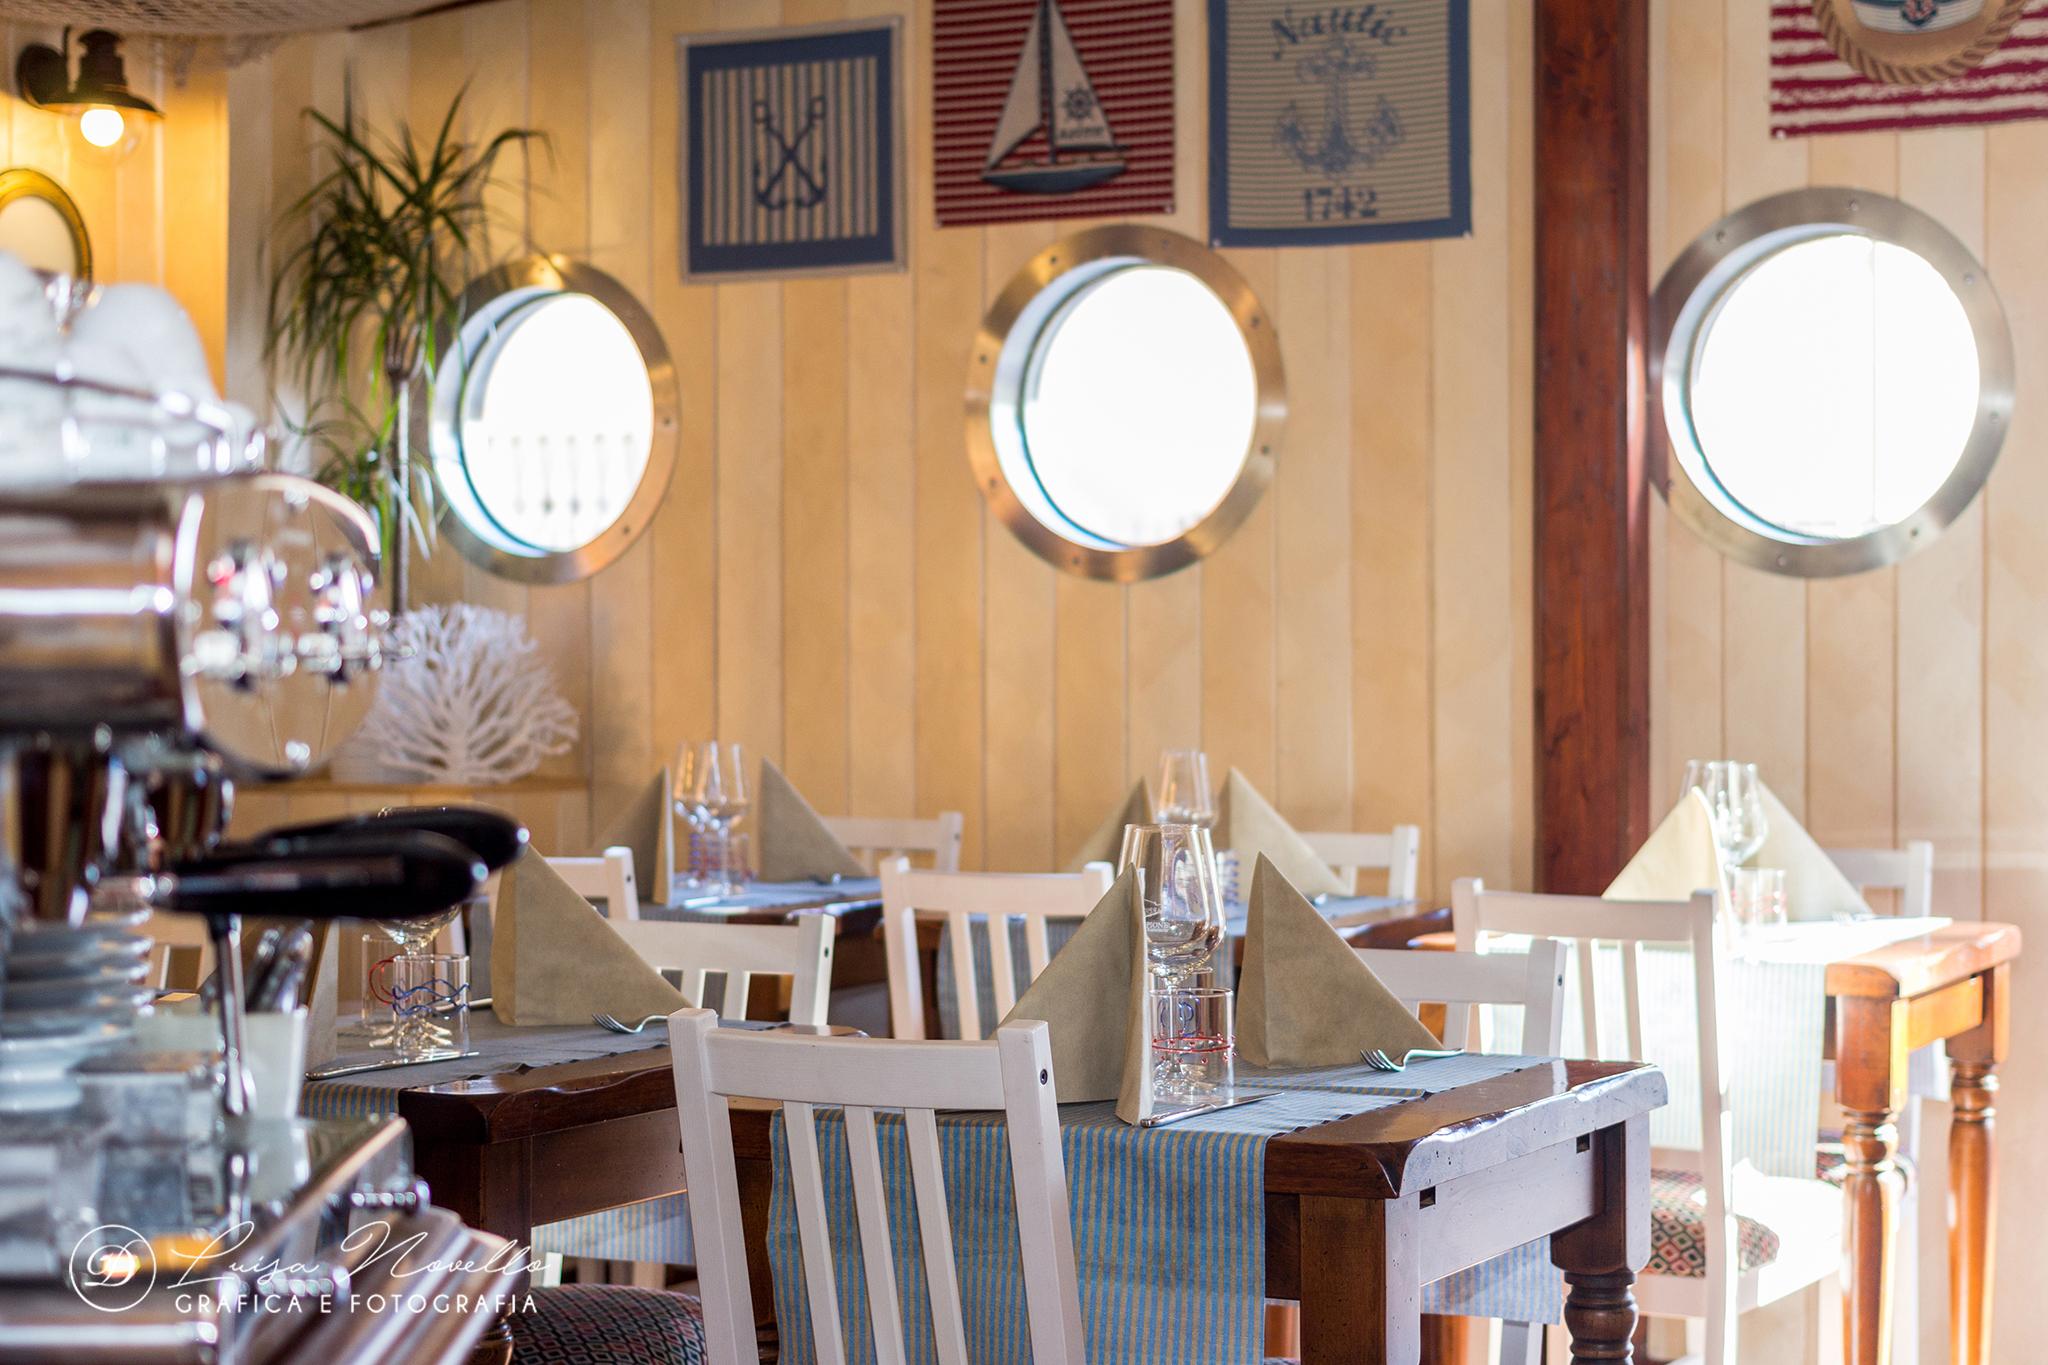 Servizi fotografici per ristoranti a grosseto, castiglione della pescaia e dintorni